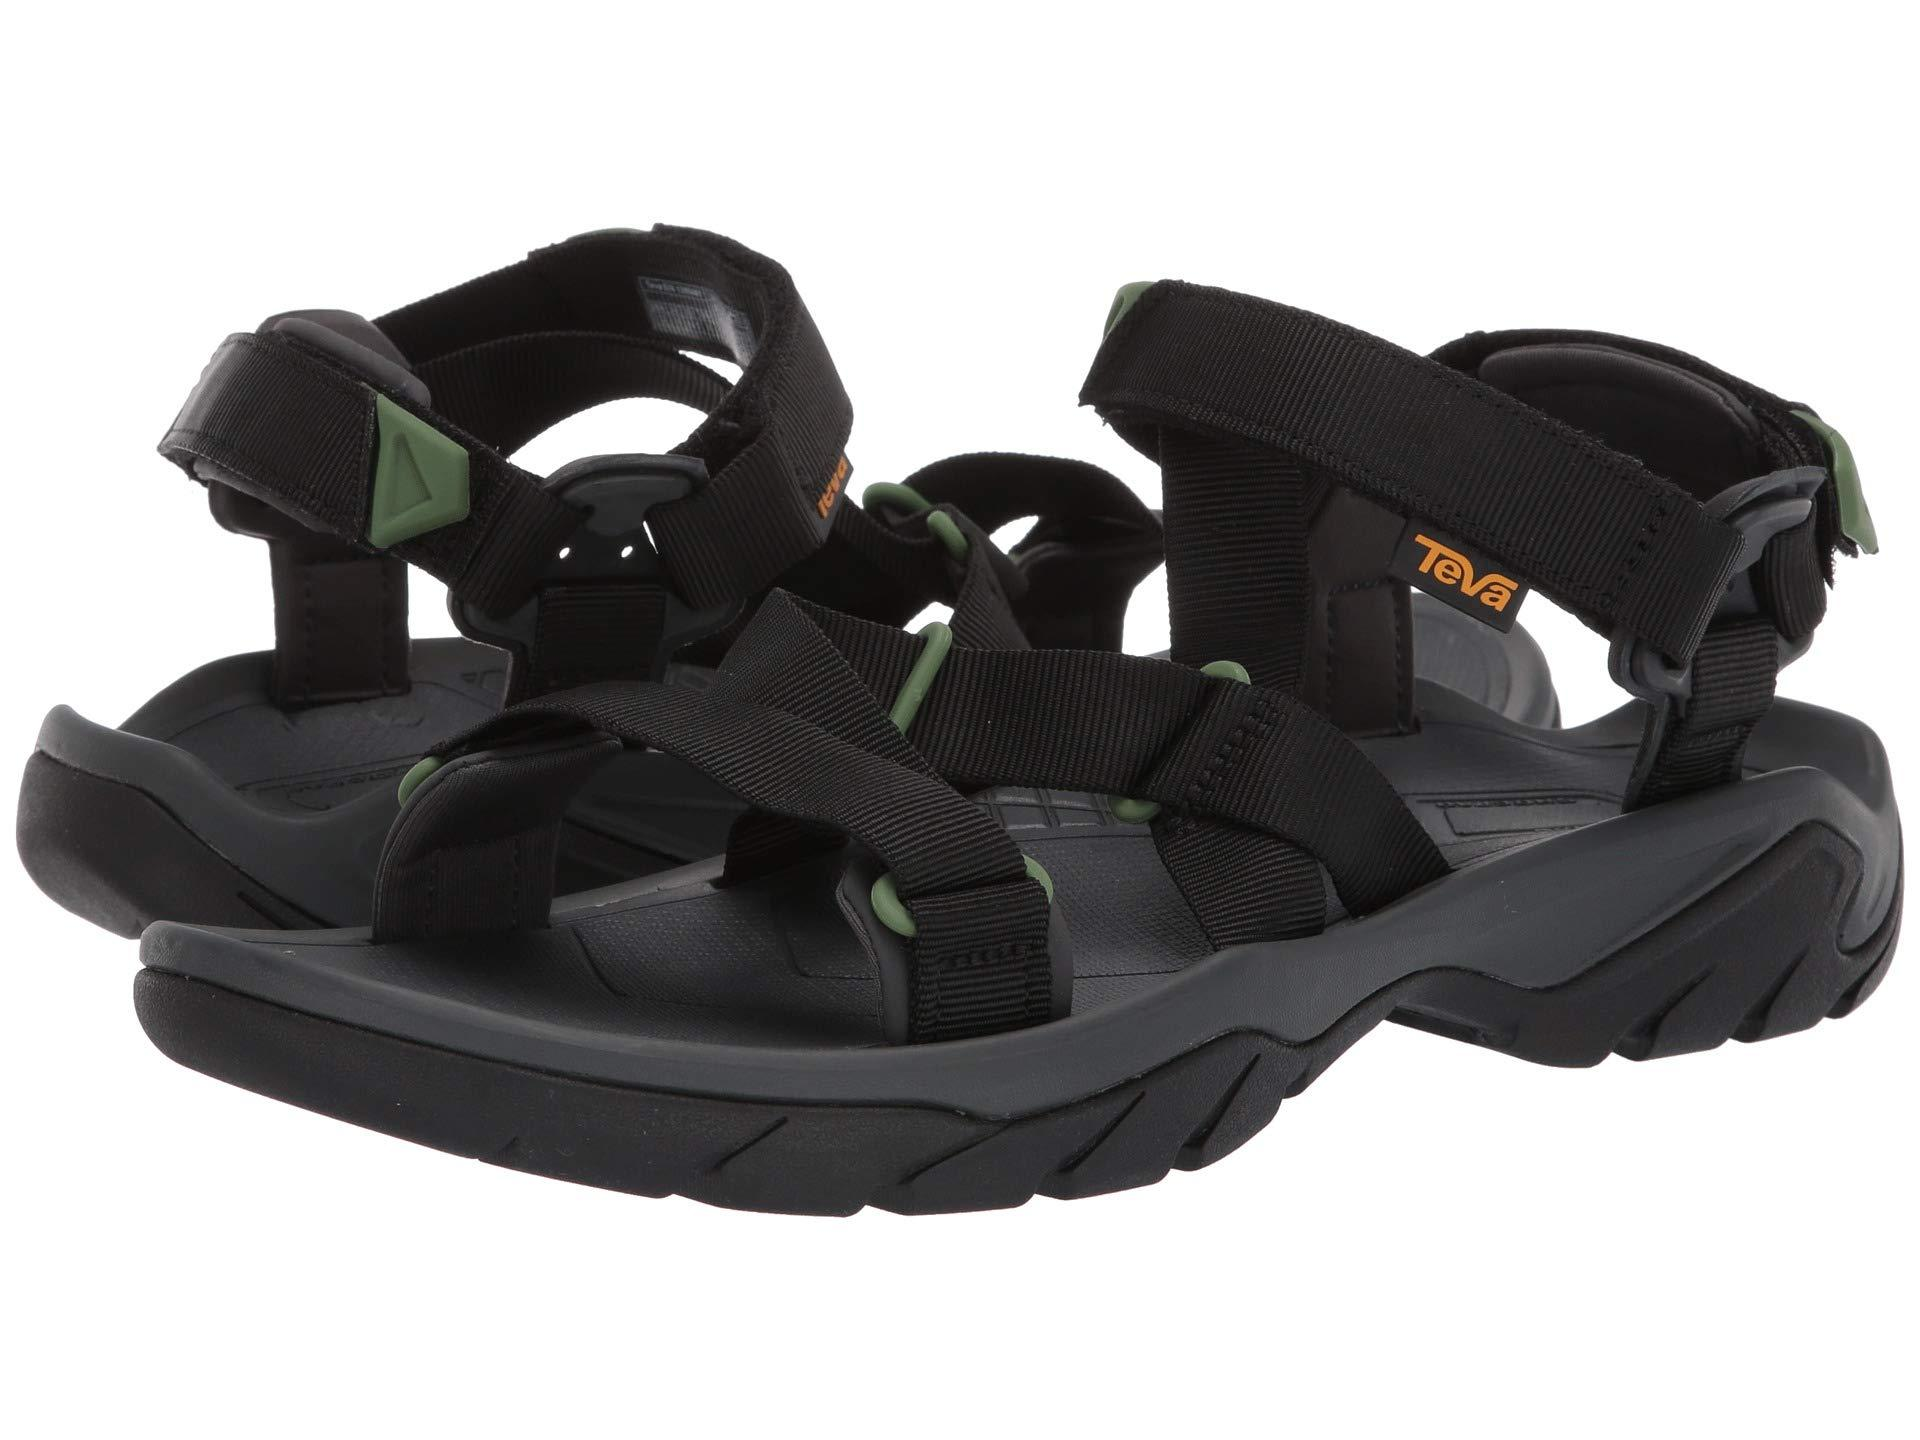 cd2bbce3438b Teva - Black Terra Fi 5 Sport Sandal for Men - Lyst. View fullscreen